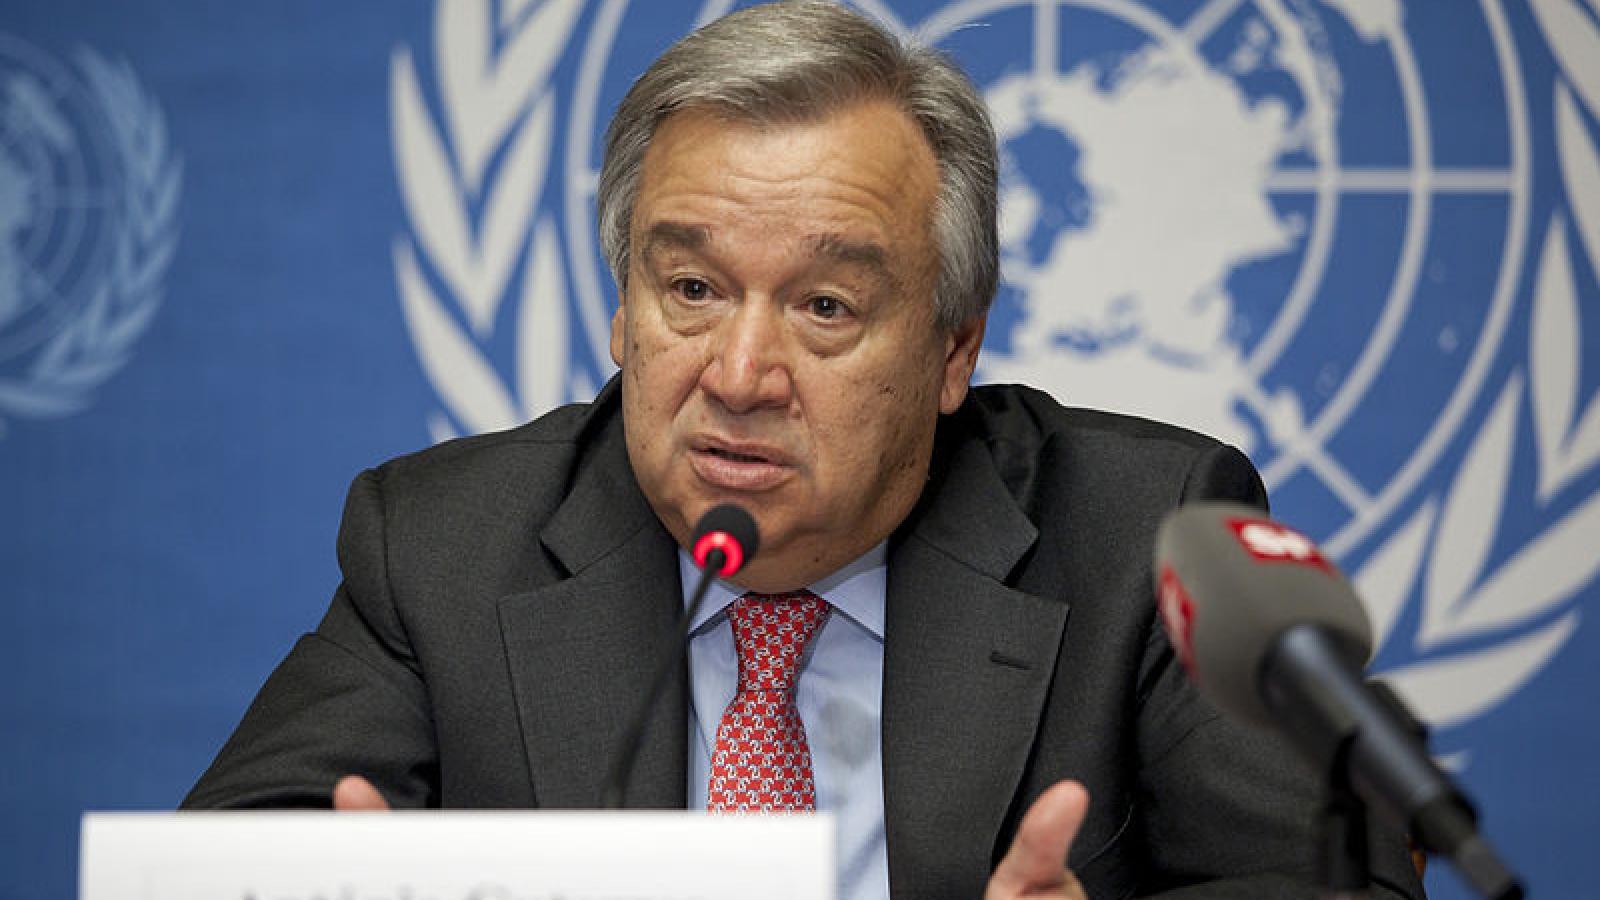 Ông Guterres là ứng viên duy nhất cho vị trí Tổng thư ký Liên Hợp Quốc 2022-2026